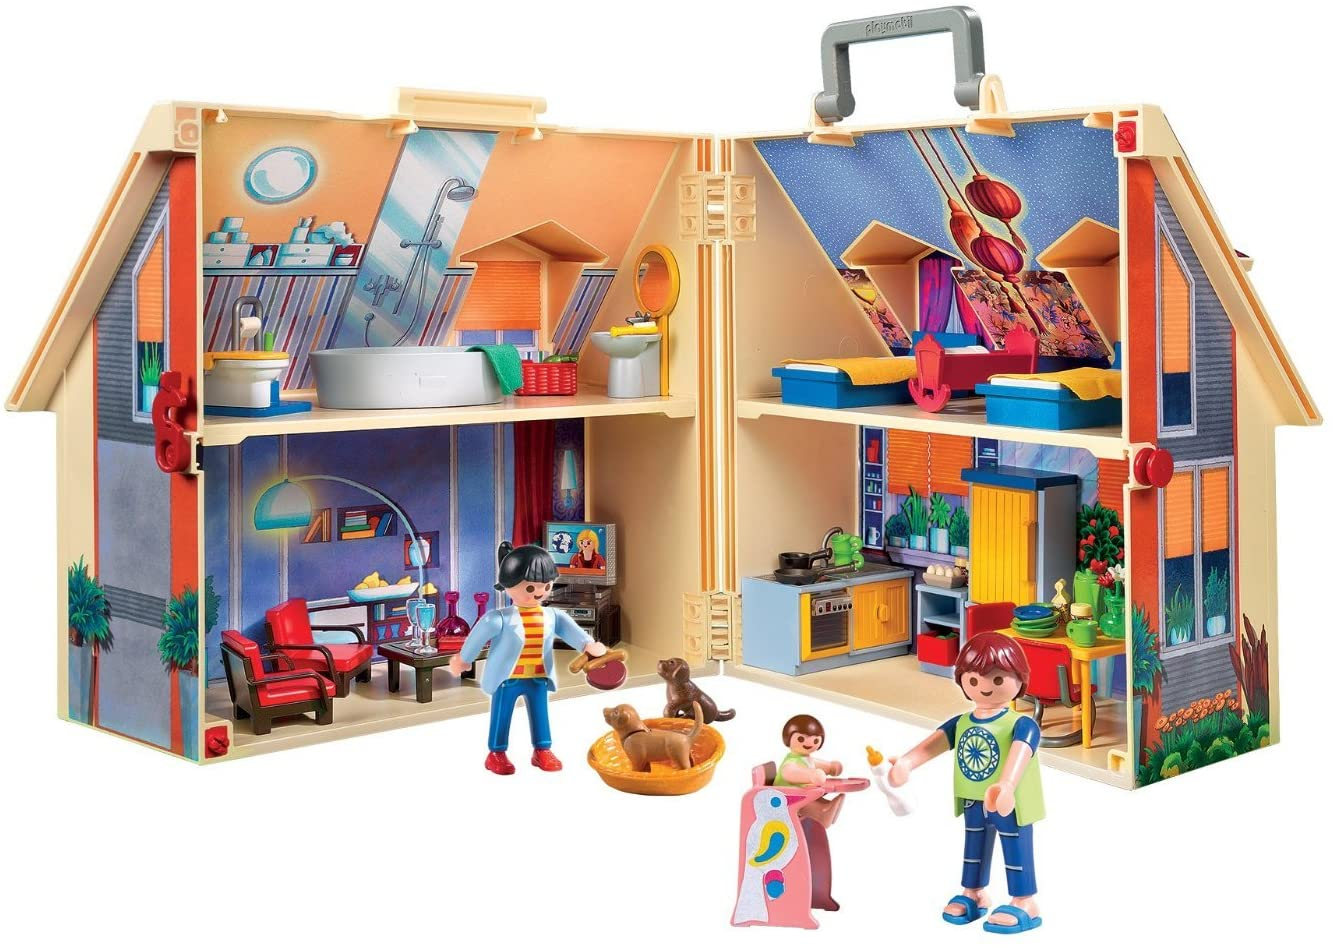 Das Playmobil Families Hauser 5167 kann mit Hilfe eines Handgriffs transportiert werden.